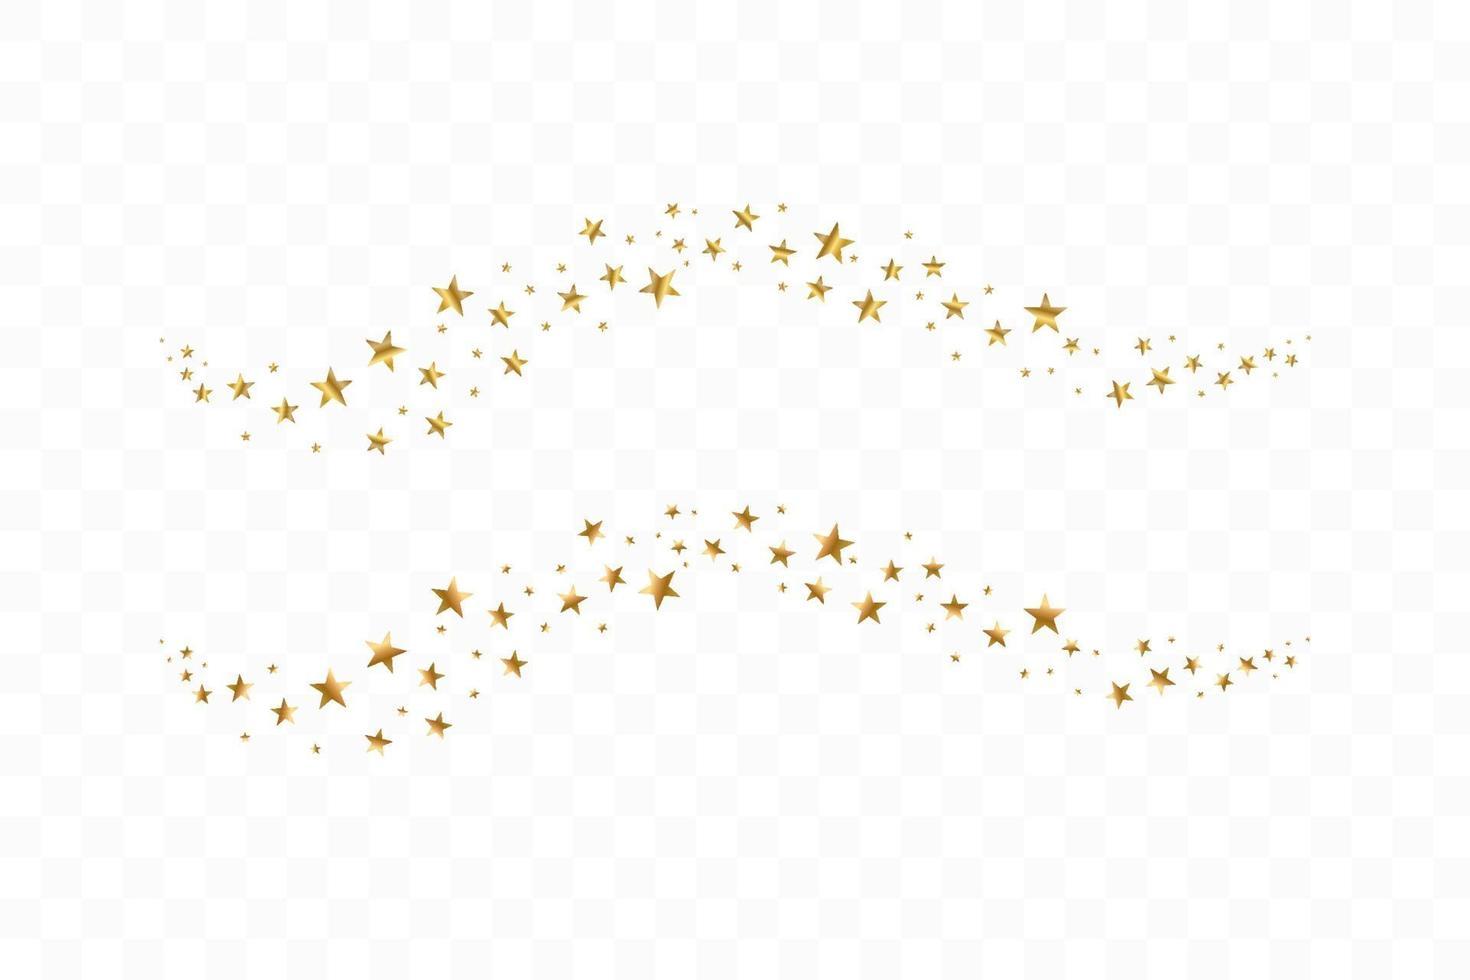 fallende goldene Sterne. Wolke der goldenen Sterne isoliert vektor